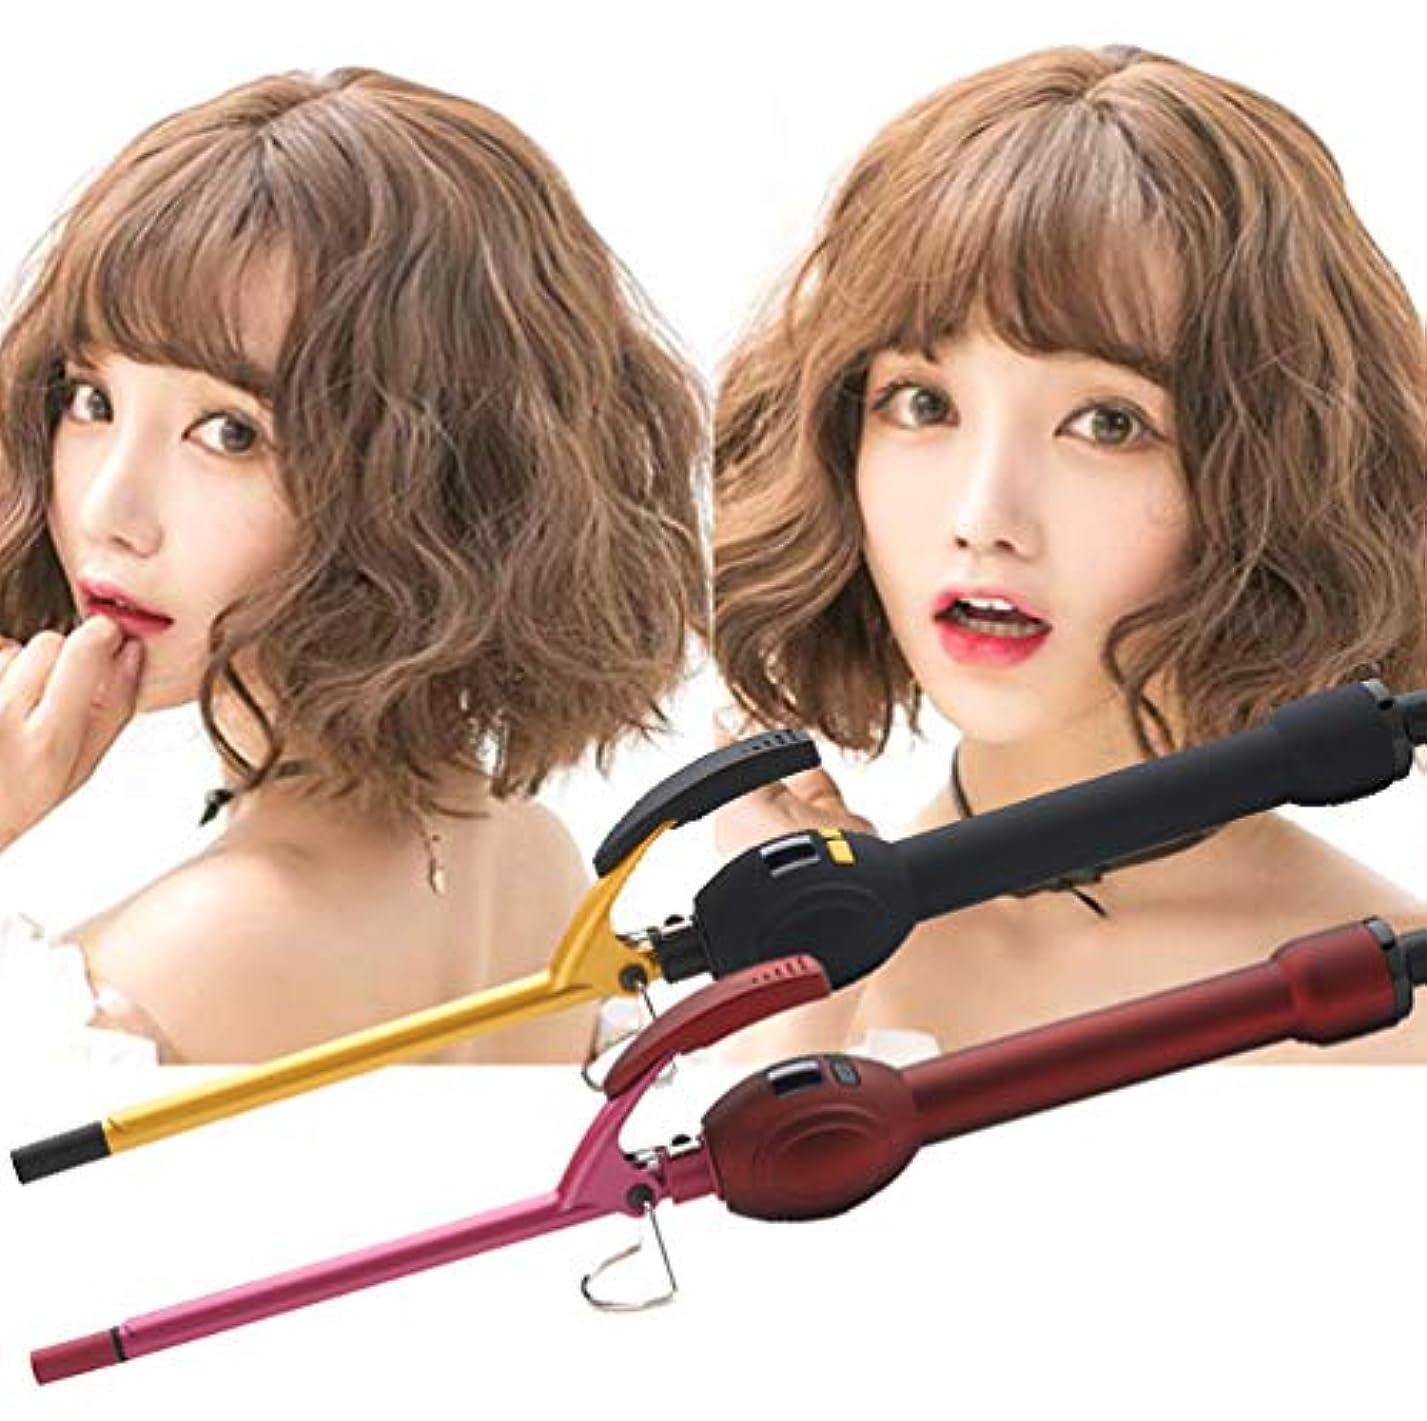 男性と女性のためのミニカーリングアイロン小さなバレルカーリングトングアフロヘアカーラー短い髪と長い髪のためのプロフェッショナルトルマリンセラミックカーリングワンド